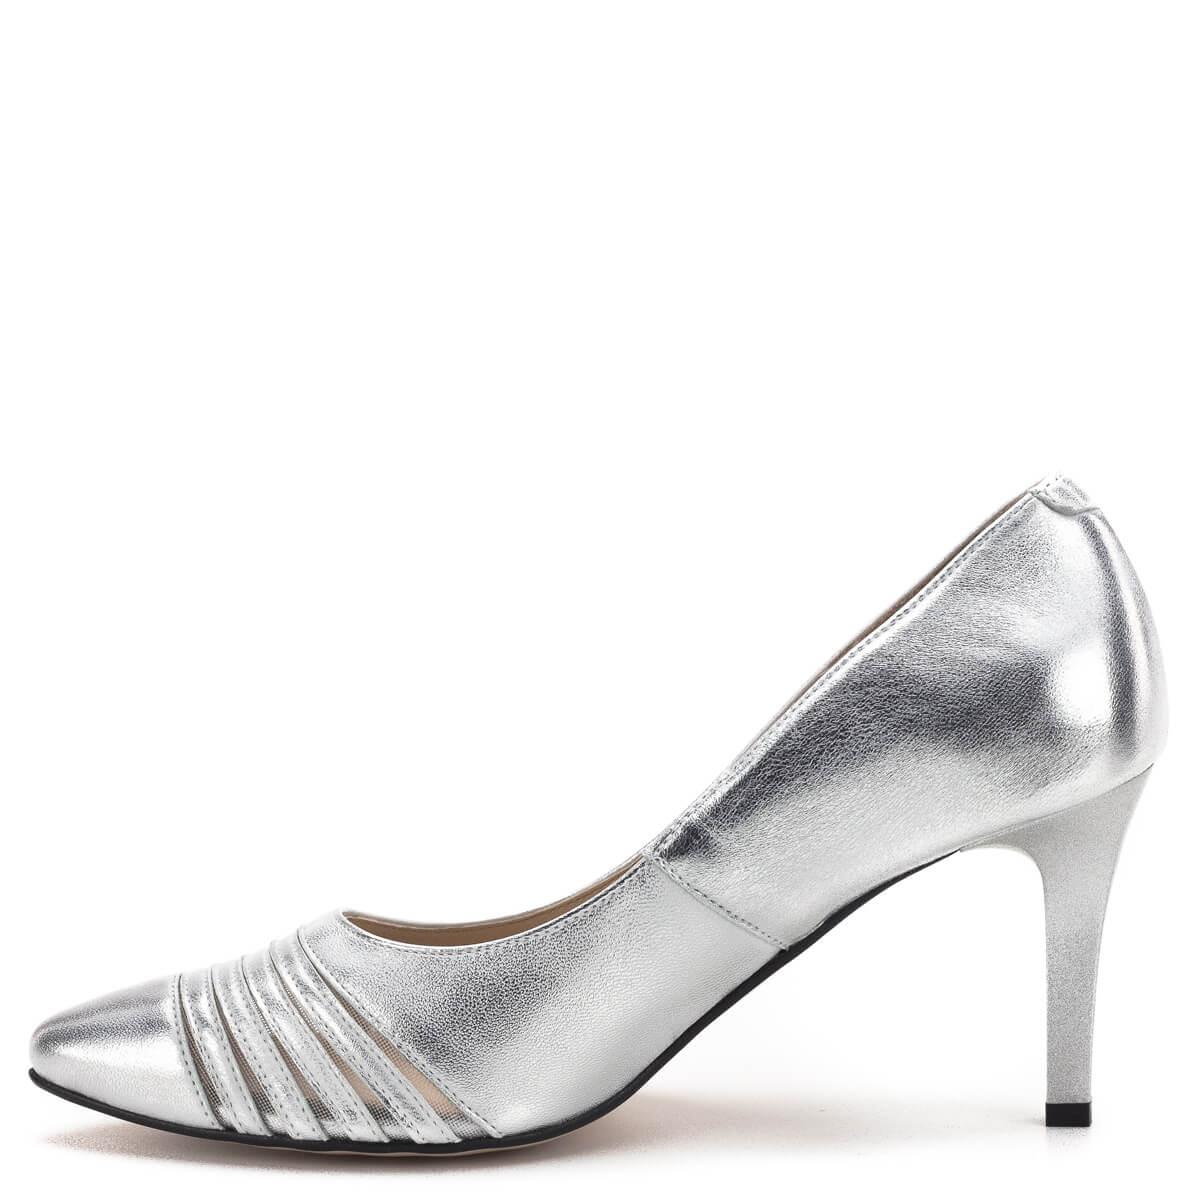 b12ae59896 Kívül-belül; Carla Ricci cipő ezüst színben, 7,5 cm magas sarokkal.  Kívül-belül